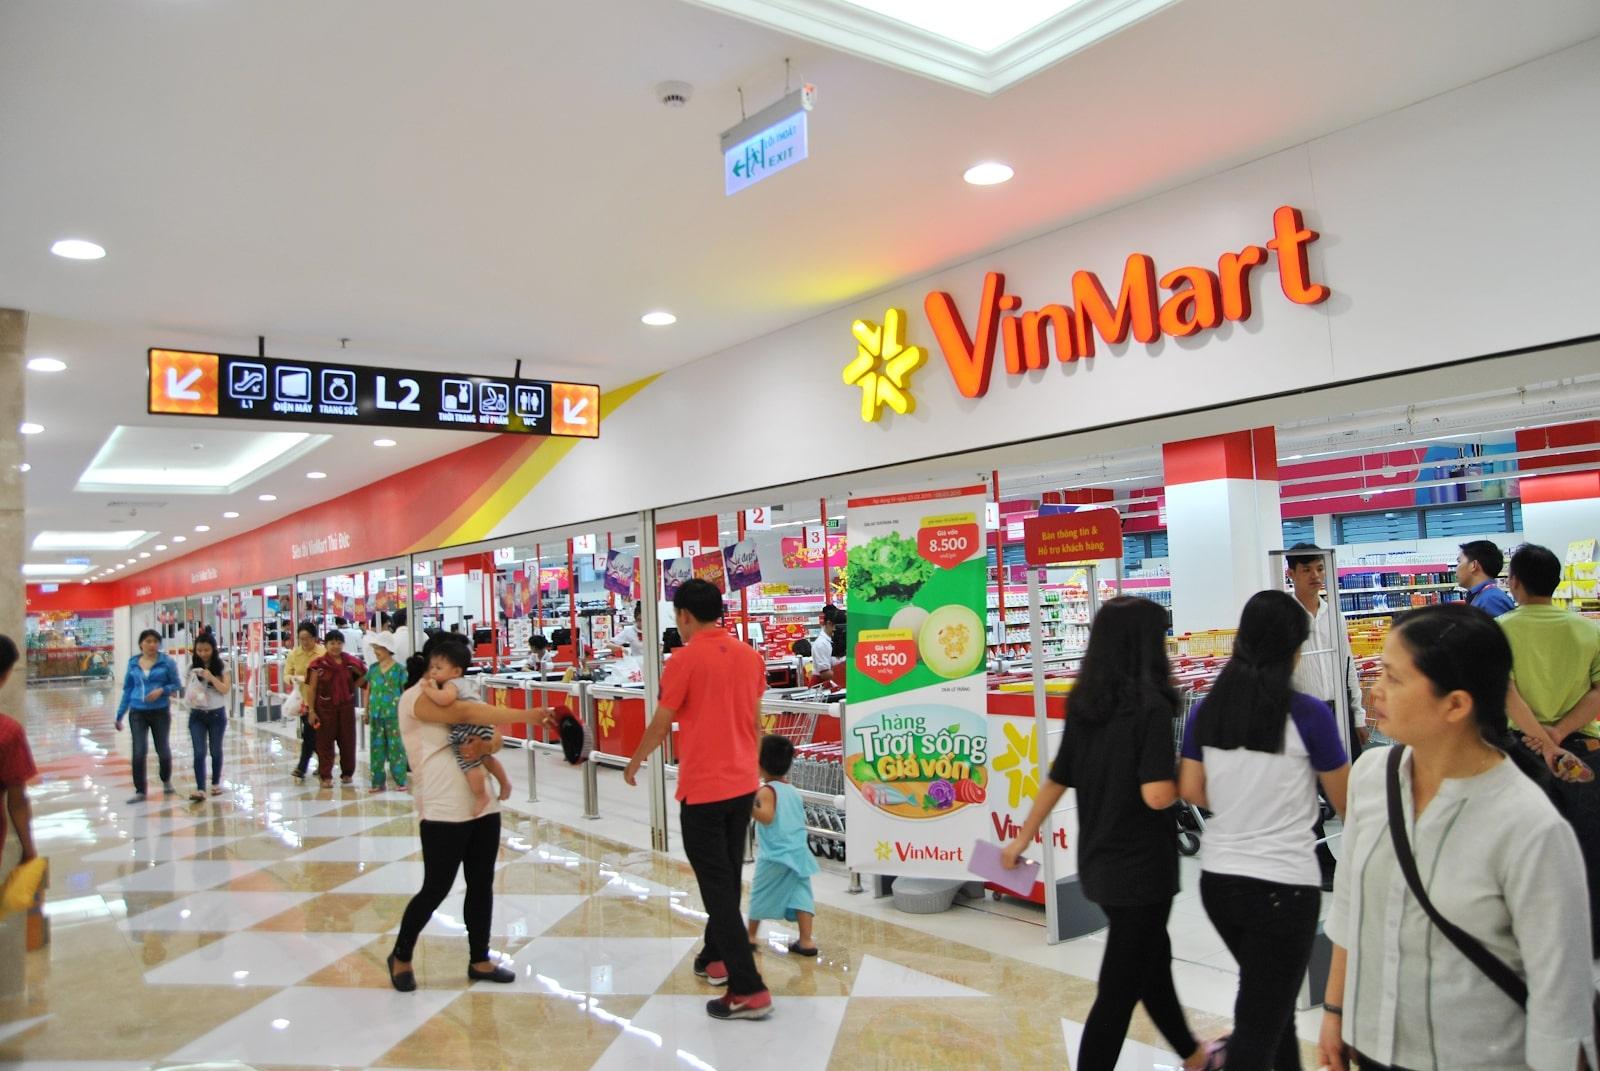 Vinmart đáp ứng mọi nhu cầu thiết yếu của khách hàng. (hình ảnh minh hoạ)